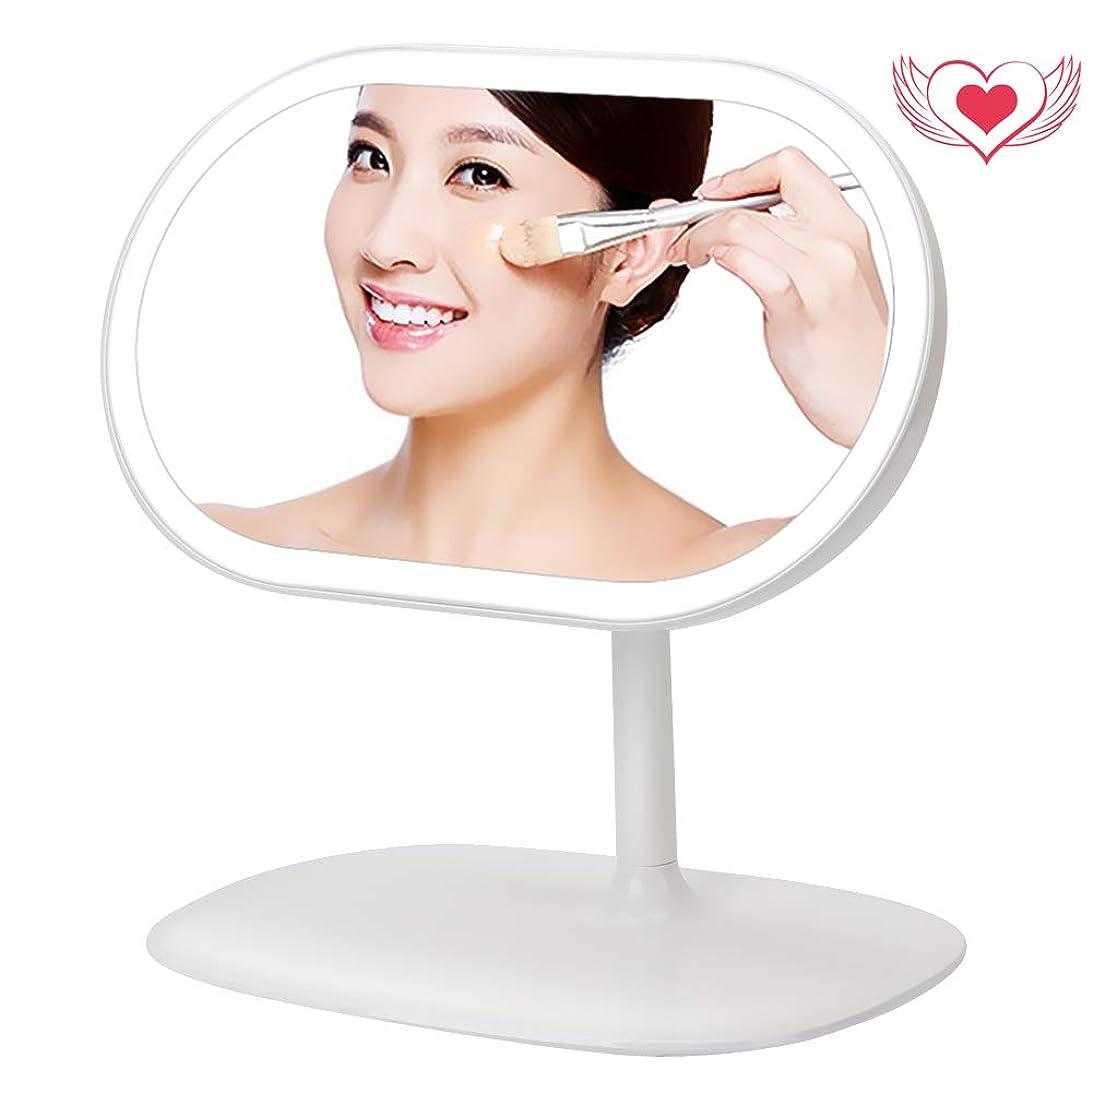 押す前任者凶暴なMANLI 化粧鏡 LED ライト付き 3 in 1 デスクライト USB充電 収納台座 メイクアップ 卓上ミラー 磁気 360度回転 女優ミラー 化粧ミラー